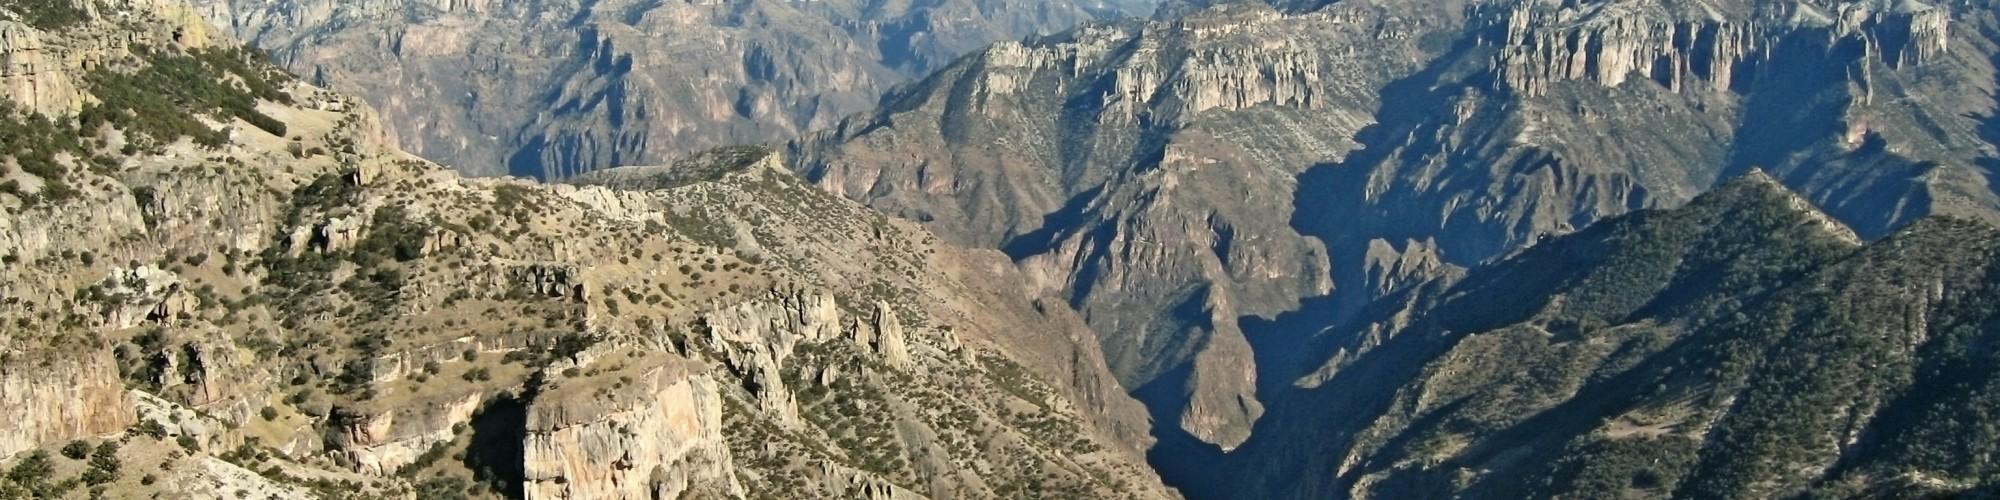 Mexico - Copper Canyon